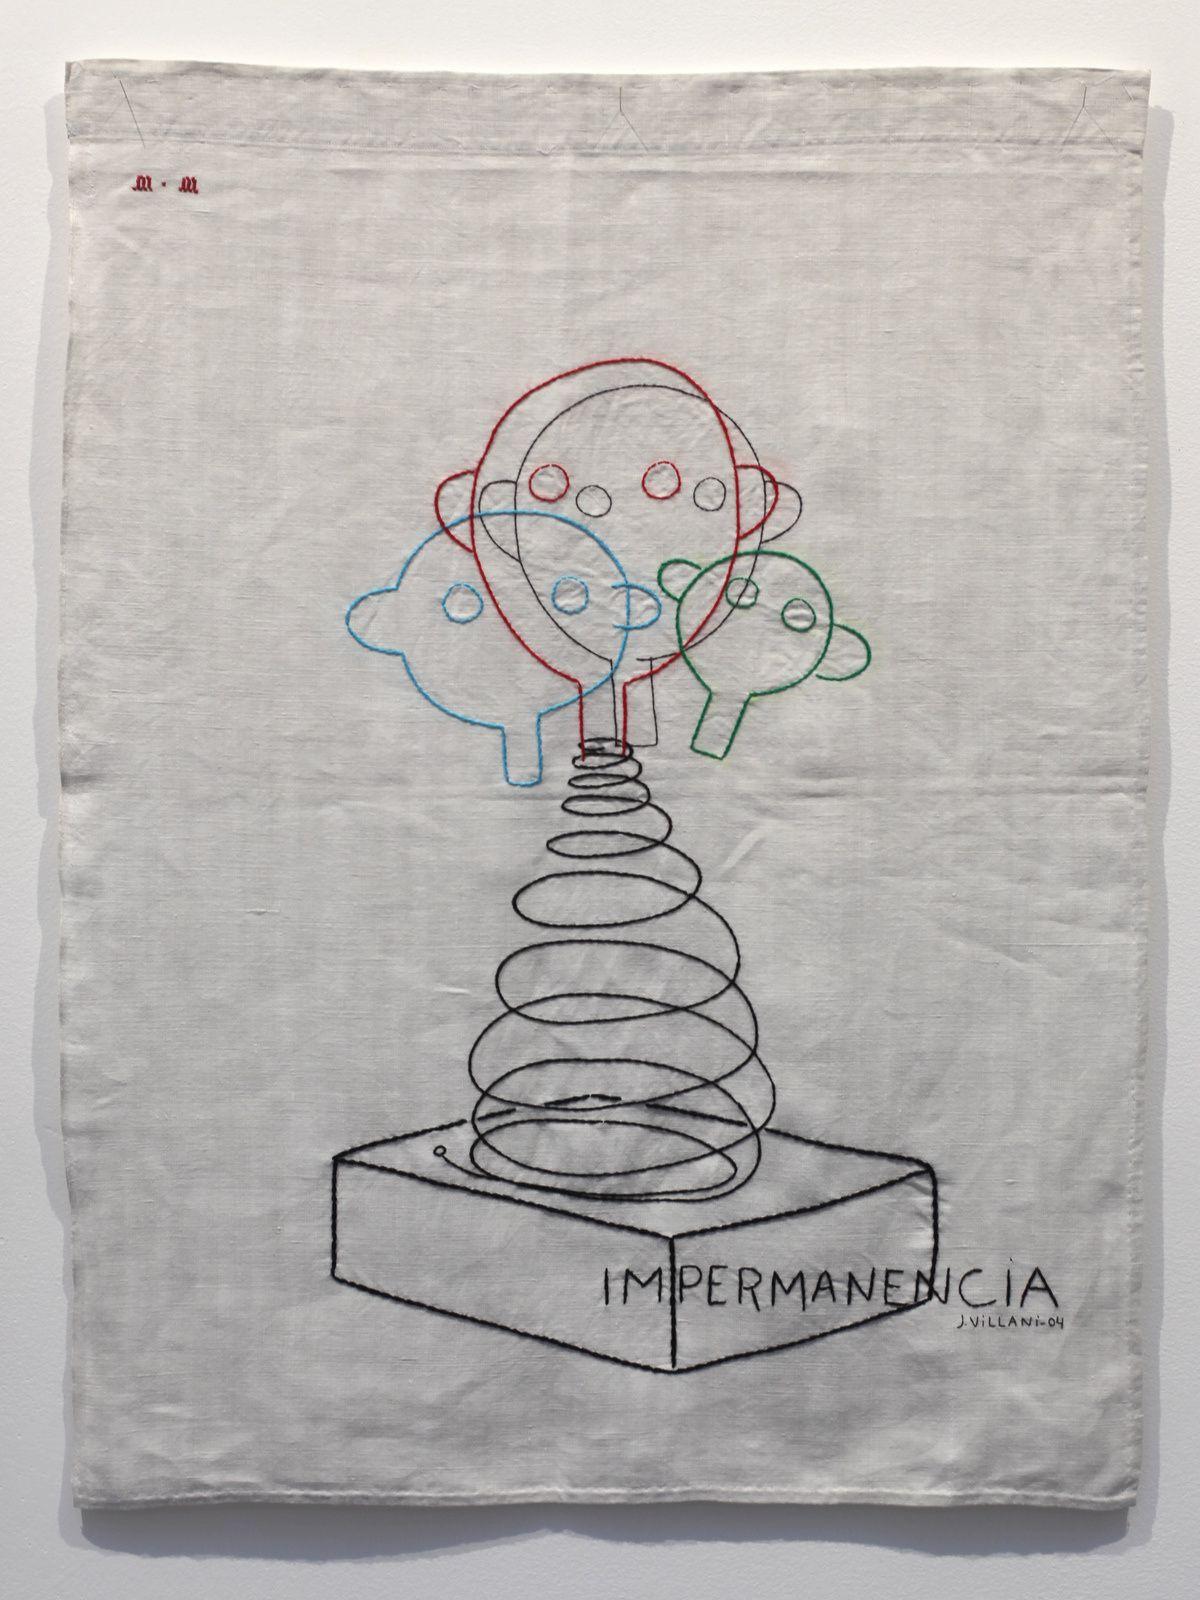 """""""Sculpture, dessin brodé"""", 2004 de Julio VILLANI - Courtesy Galerie RX © Photo Éric Simon"""